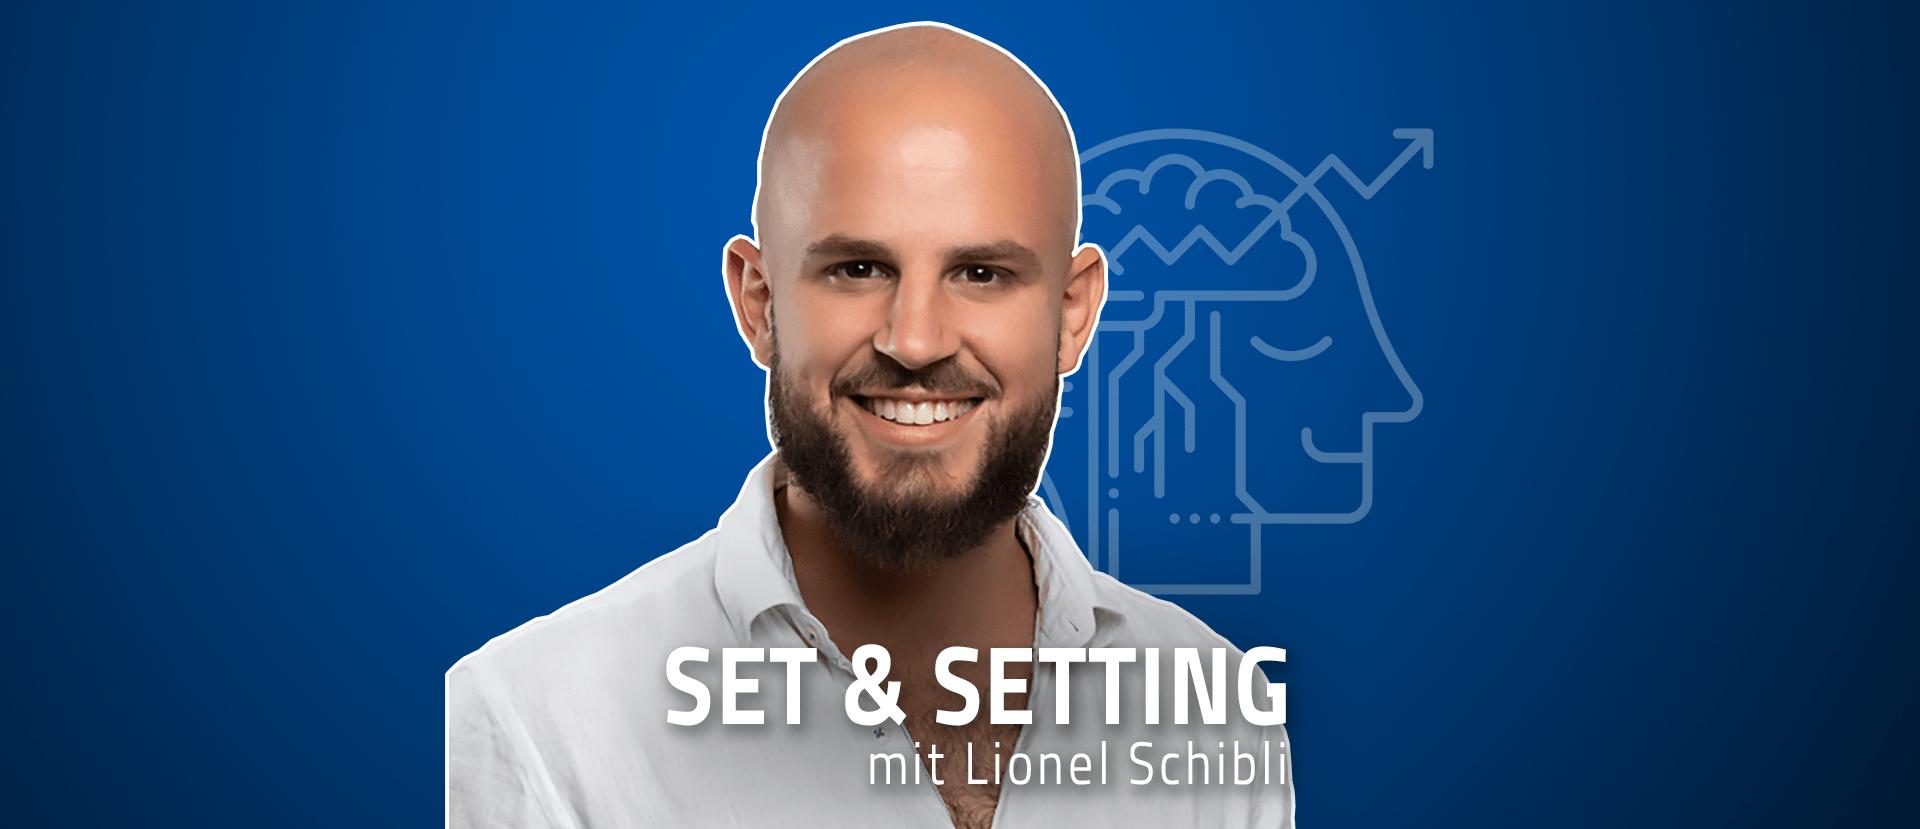 """#06 """"Sterben kann man lernen"""" – Lionel Schibli über Ayahuasca auf dem Sofa, Pseudo-Spiritualität und Bibelzitate"""